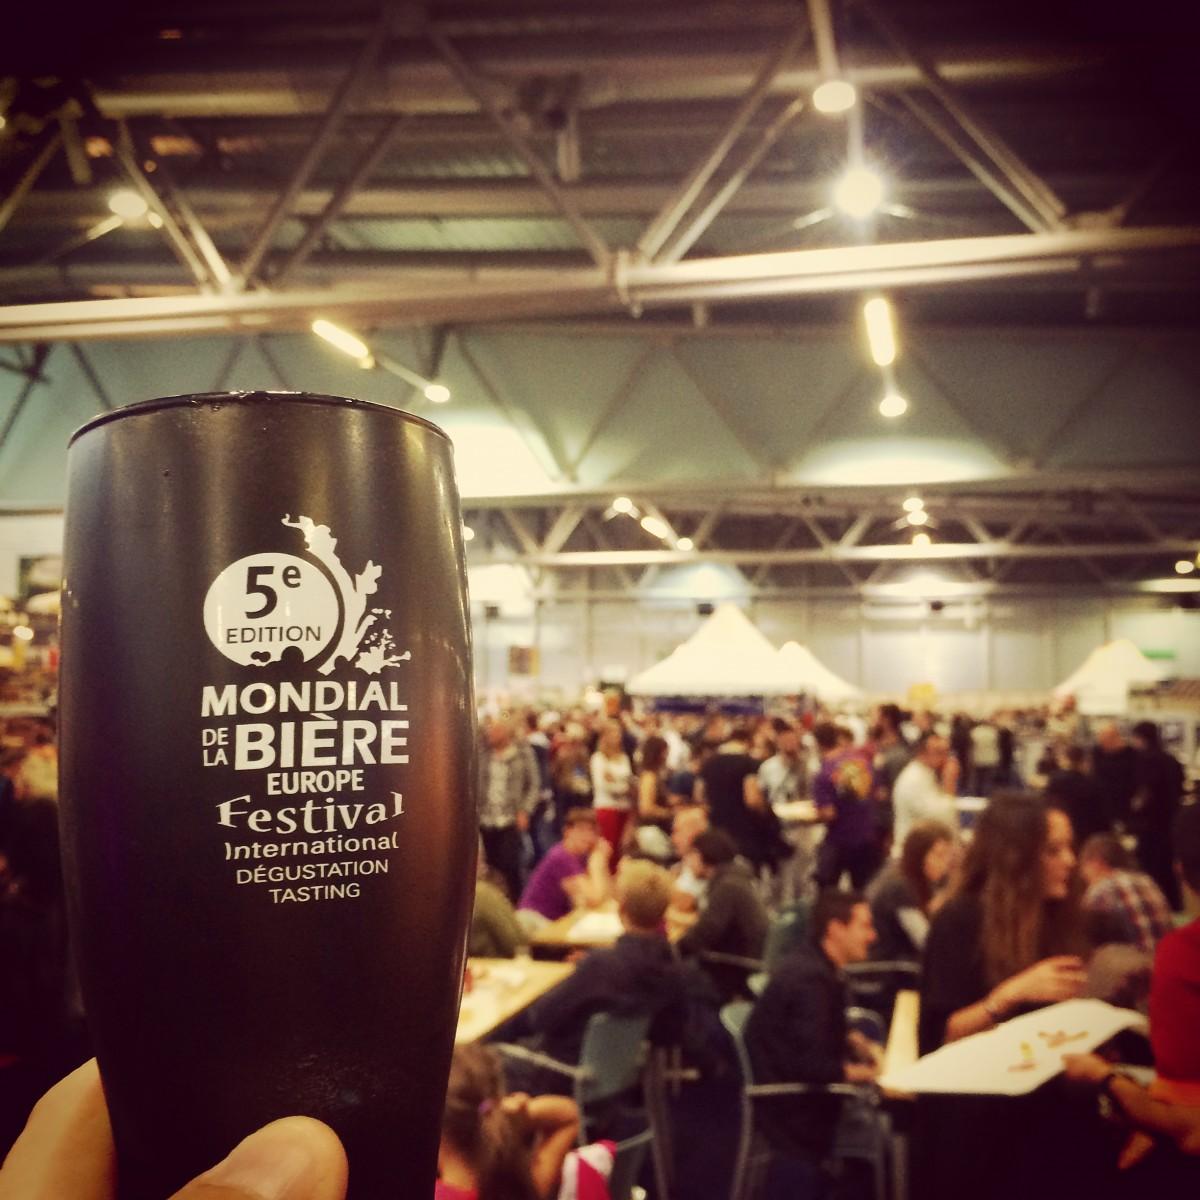 mondial-de-la-biere-mulhouse-2014